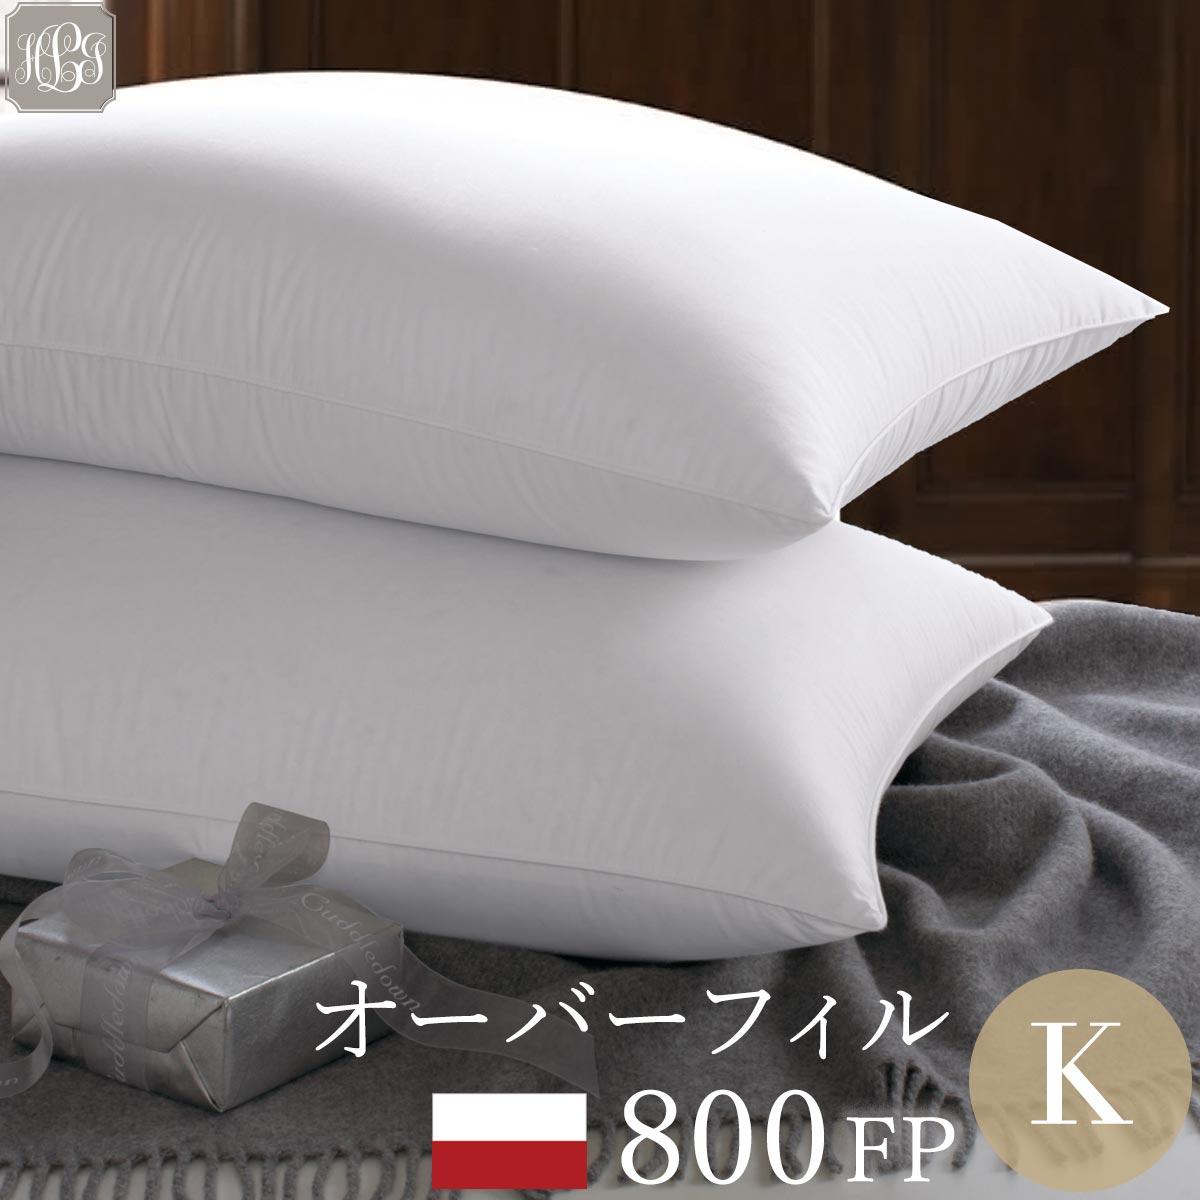 羽毛枕 キング 50cmx91cm オーバーフィル 800フィルパワーポーランド産ホワイトマザーグースダウンピロー 送料無料